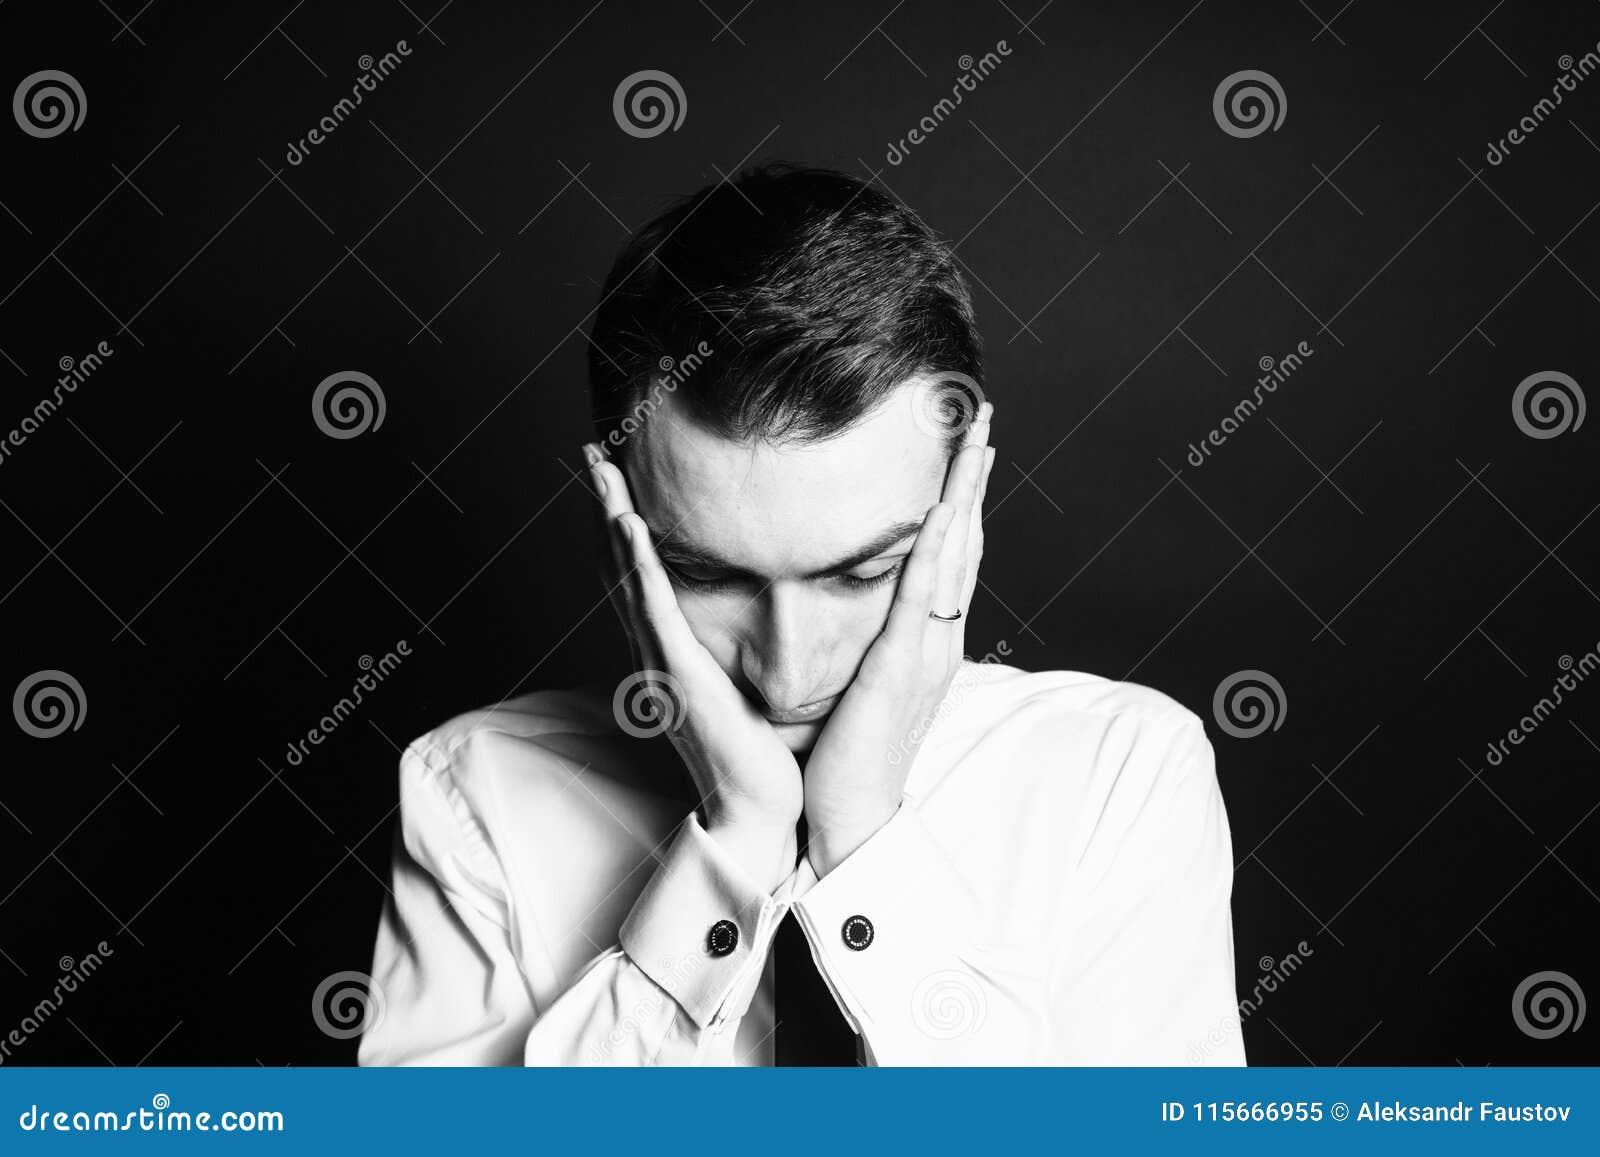 Stående av en ung man i en vit skjorta, händer på huvudet